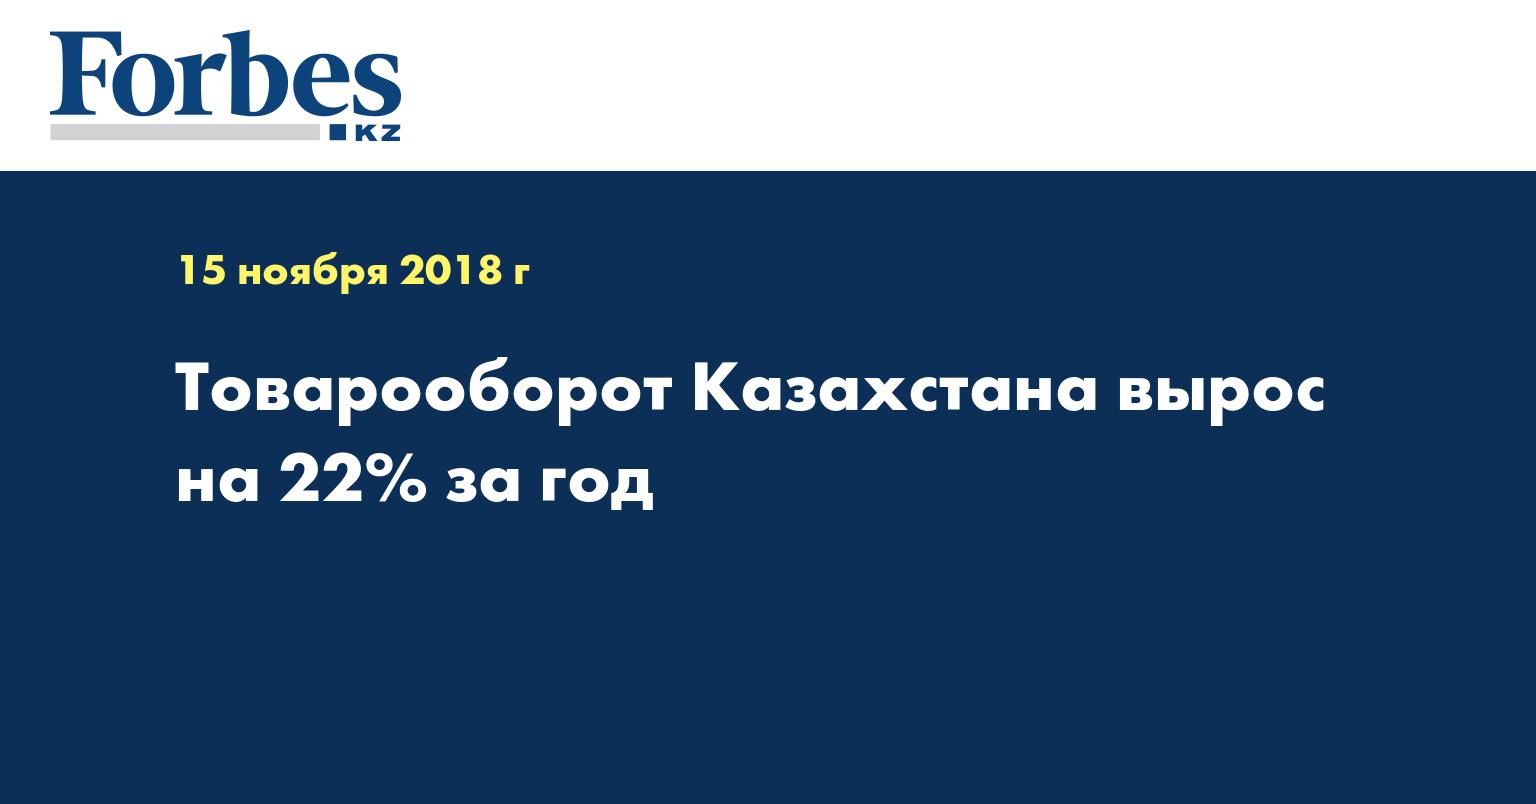 Товарооборот Kазахстана вырос на 22% за год